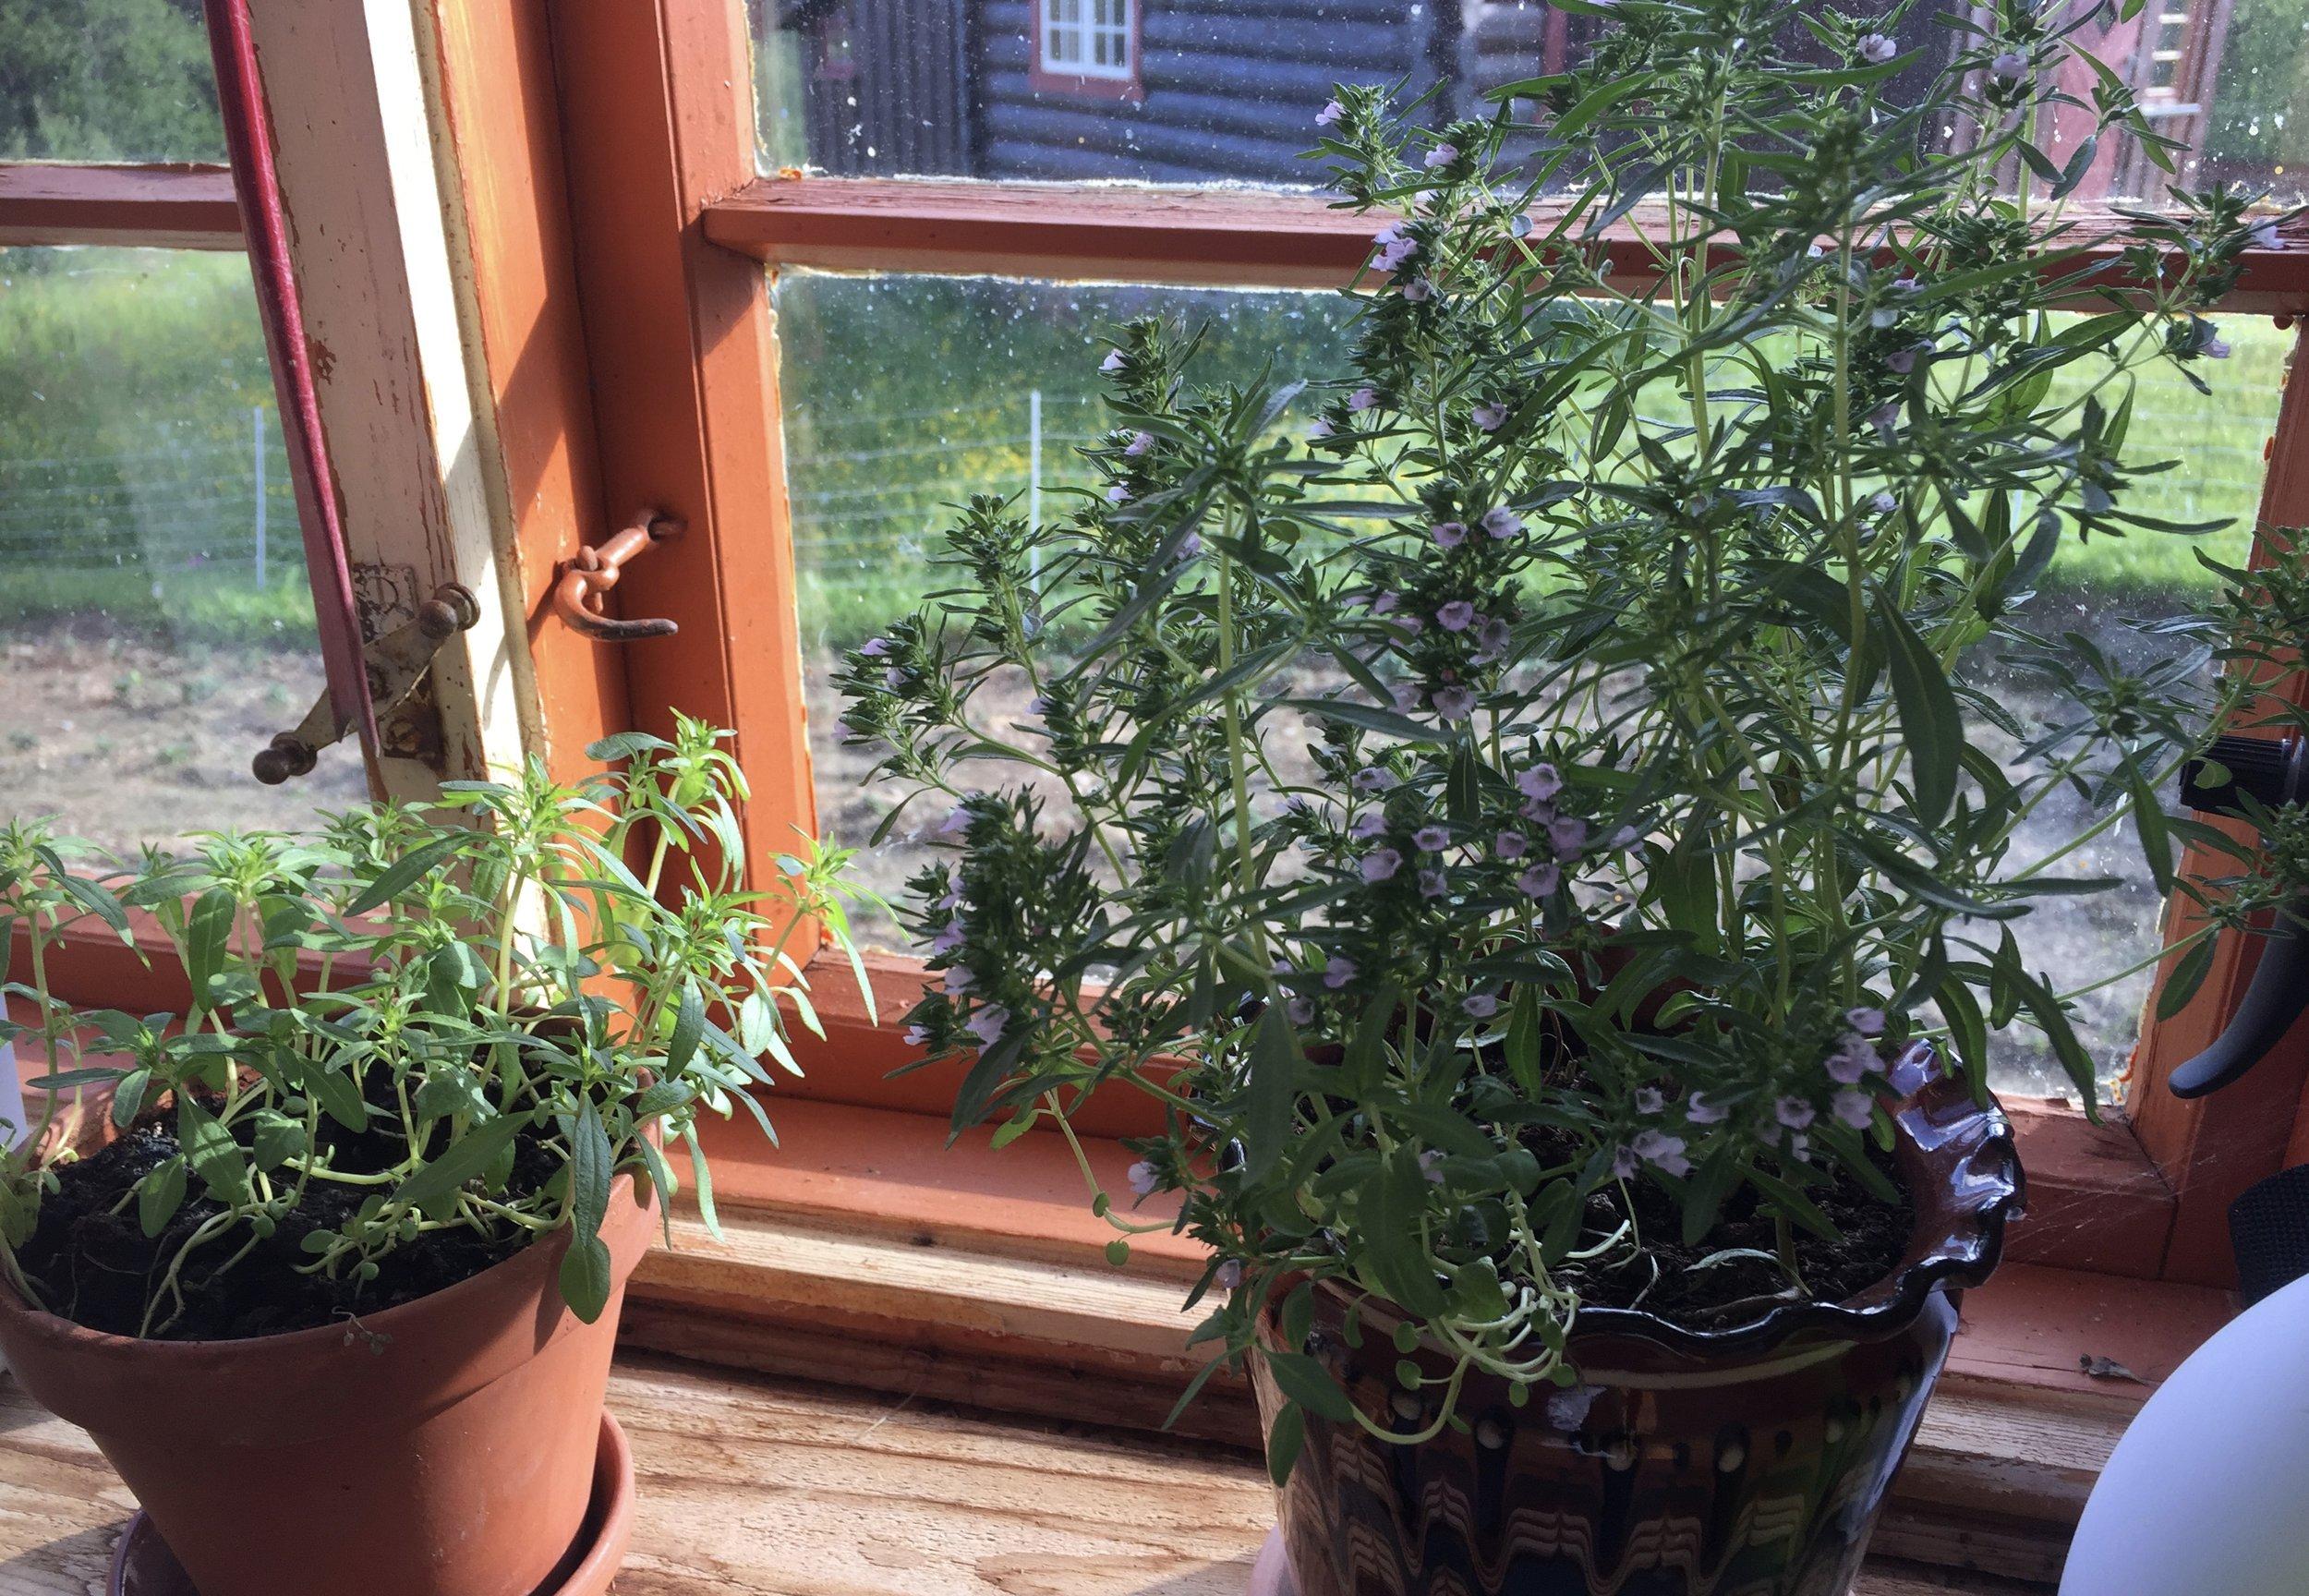 Sarplantene såes i to etapper. Først sår de noen få veldig tidlig for å få frem modne frø gjennom sommeren. Resten såes litt senere for å produsere krydderet de bruker.